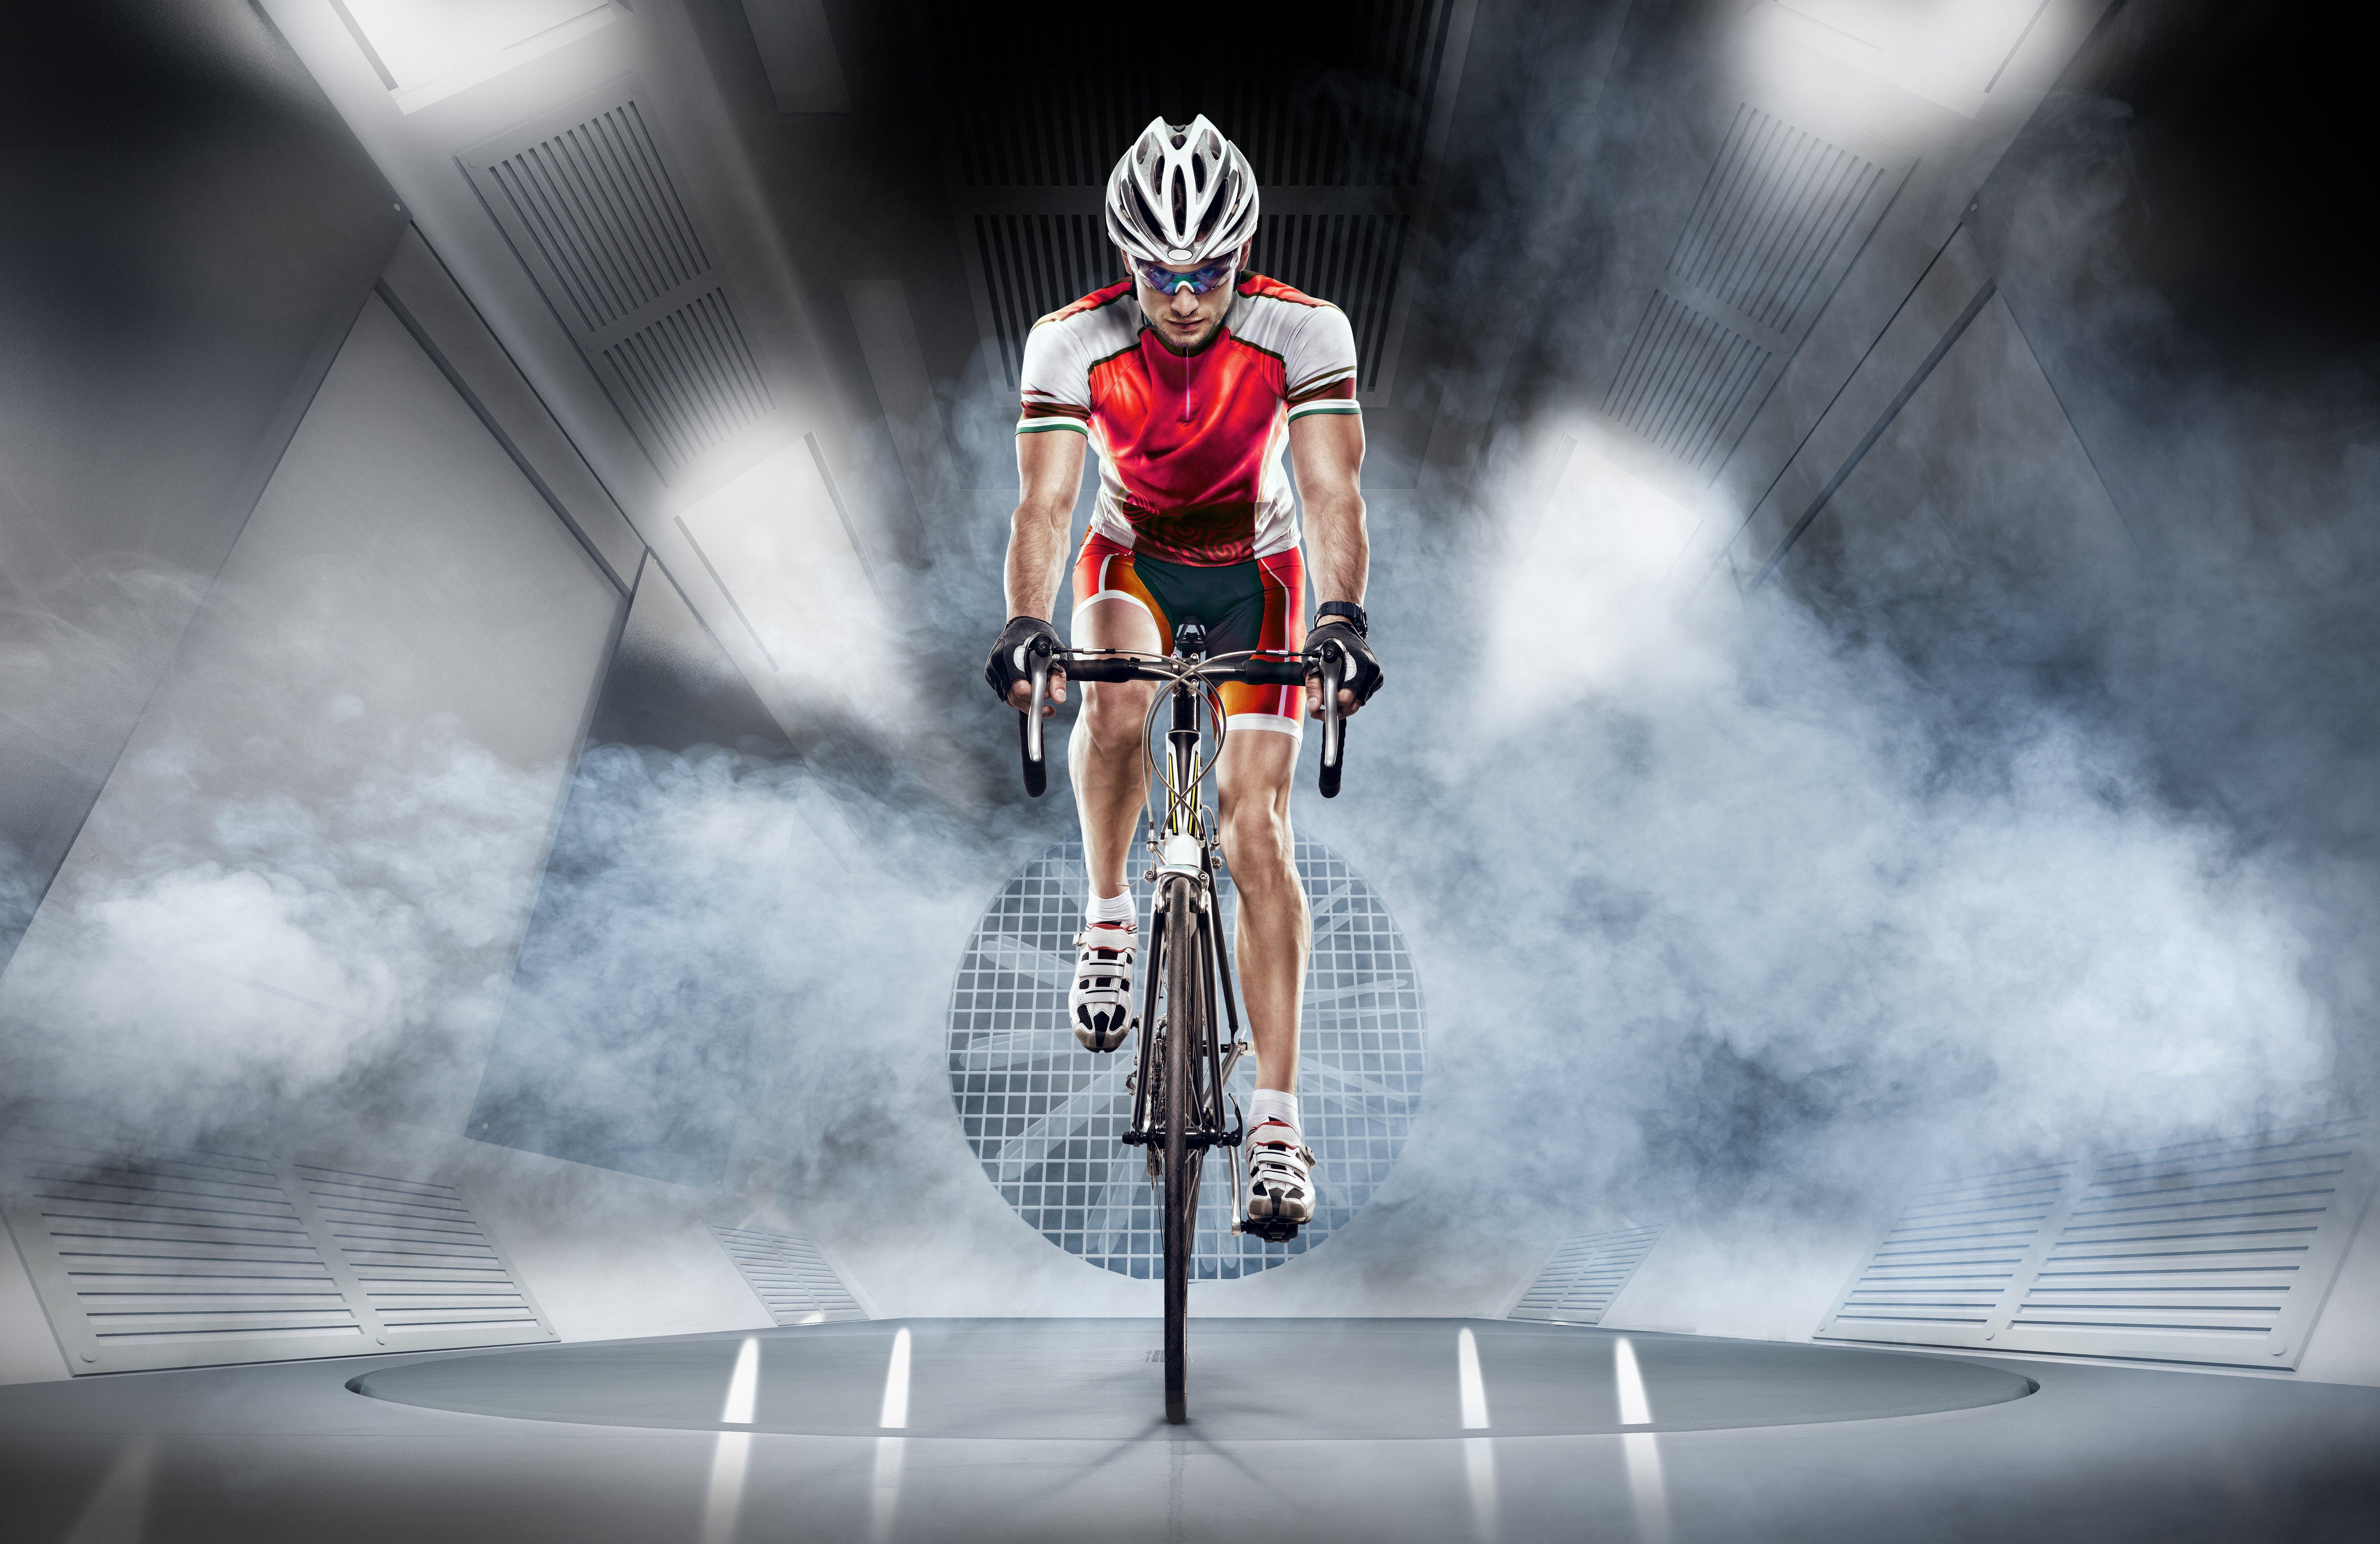 Entrenamiento para ciclismo